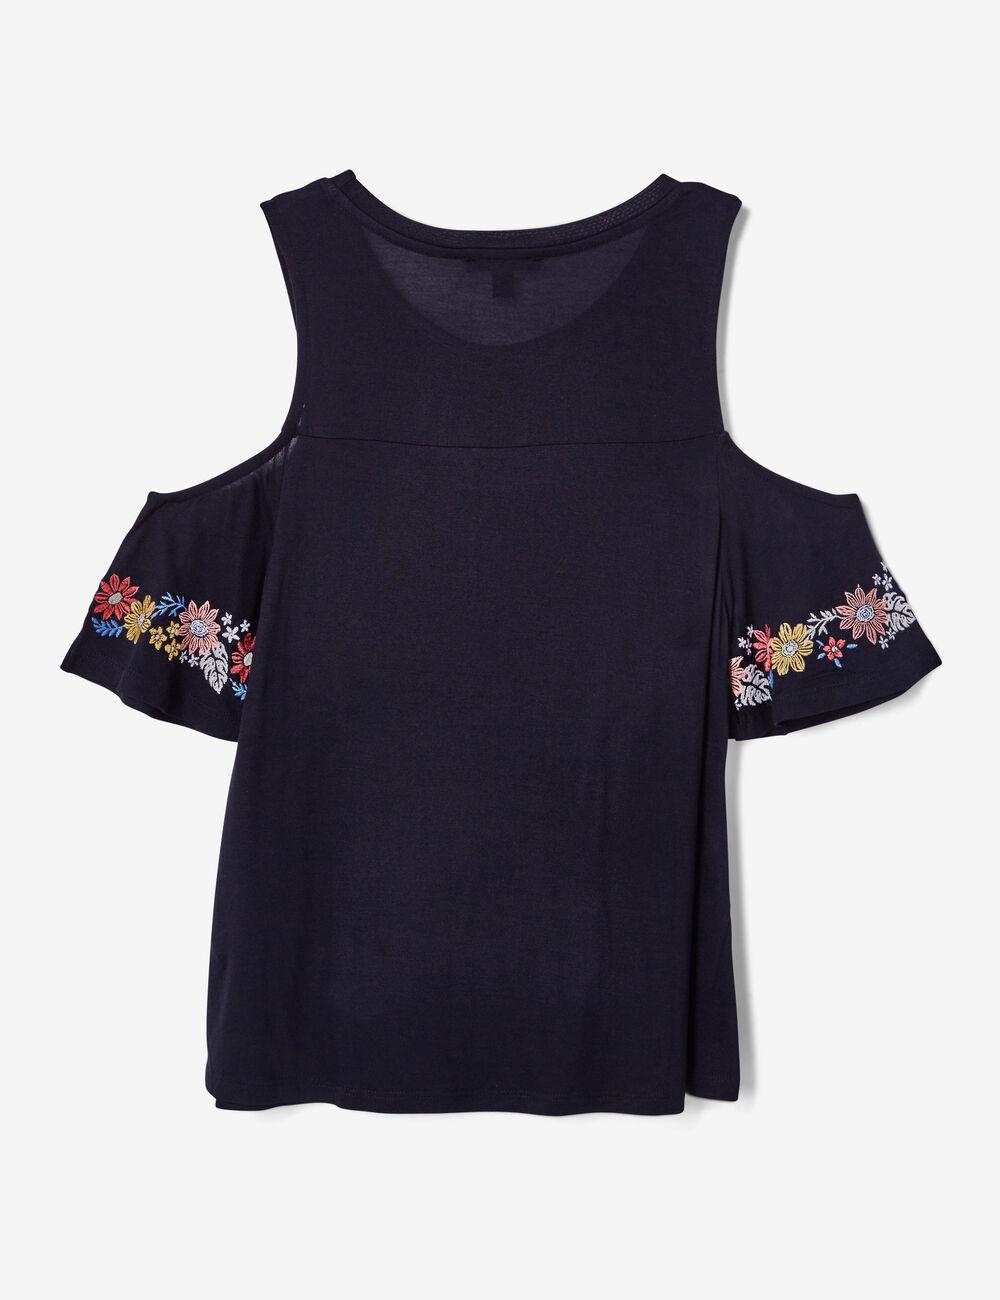 tee shirt avec broderies noir femme jennyfer. Black Bedroom Furniture Sets. Home Design Ideas